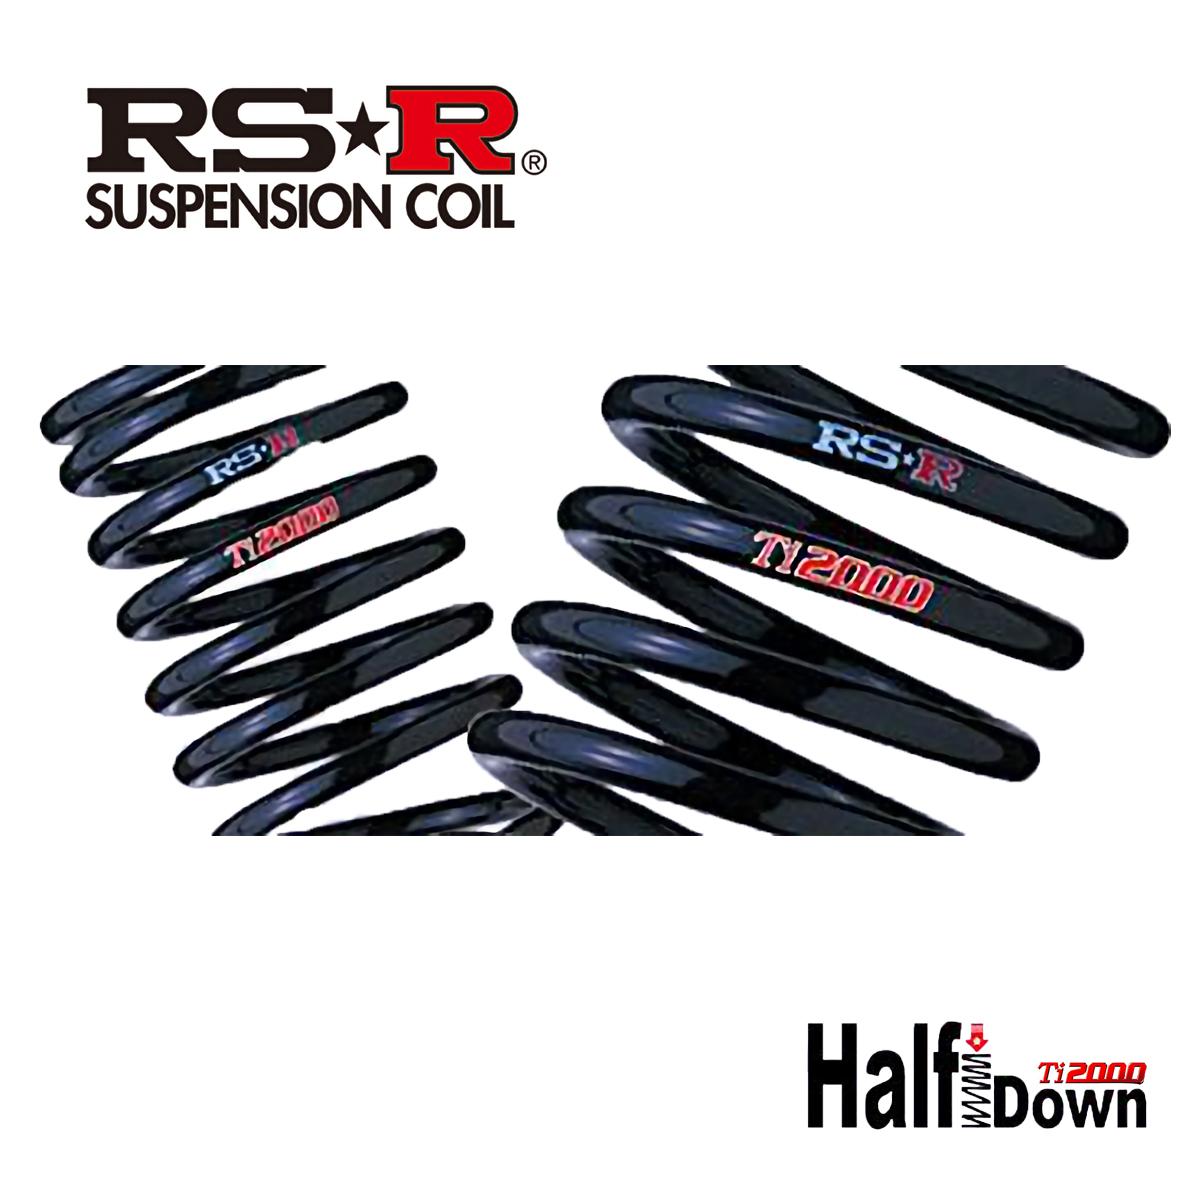 RS-R オデッセイハイブリッド ハイブリッドアブソルート・ホンダセンシングEXパッケージ RC4 ダウンサス スプリング 1台分 H503THD Ti2000 ハーフダウン RSR 個人宅発送追金有